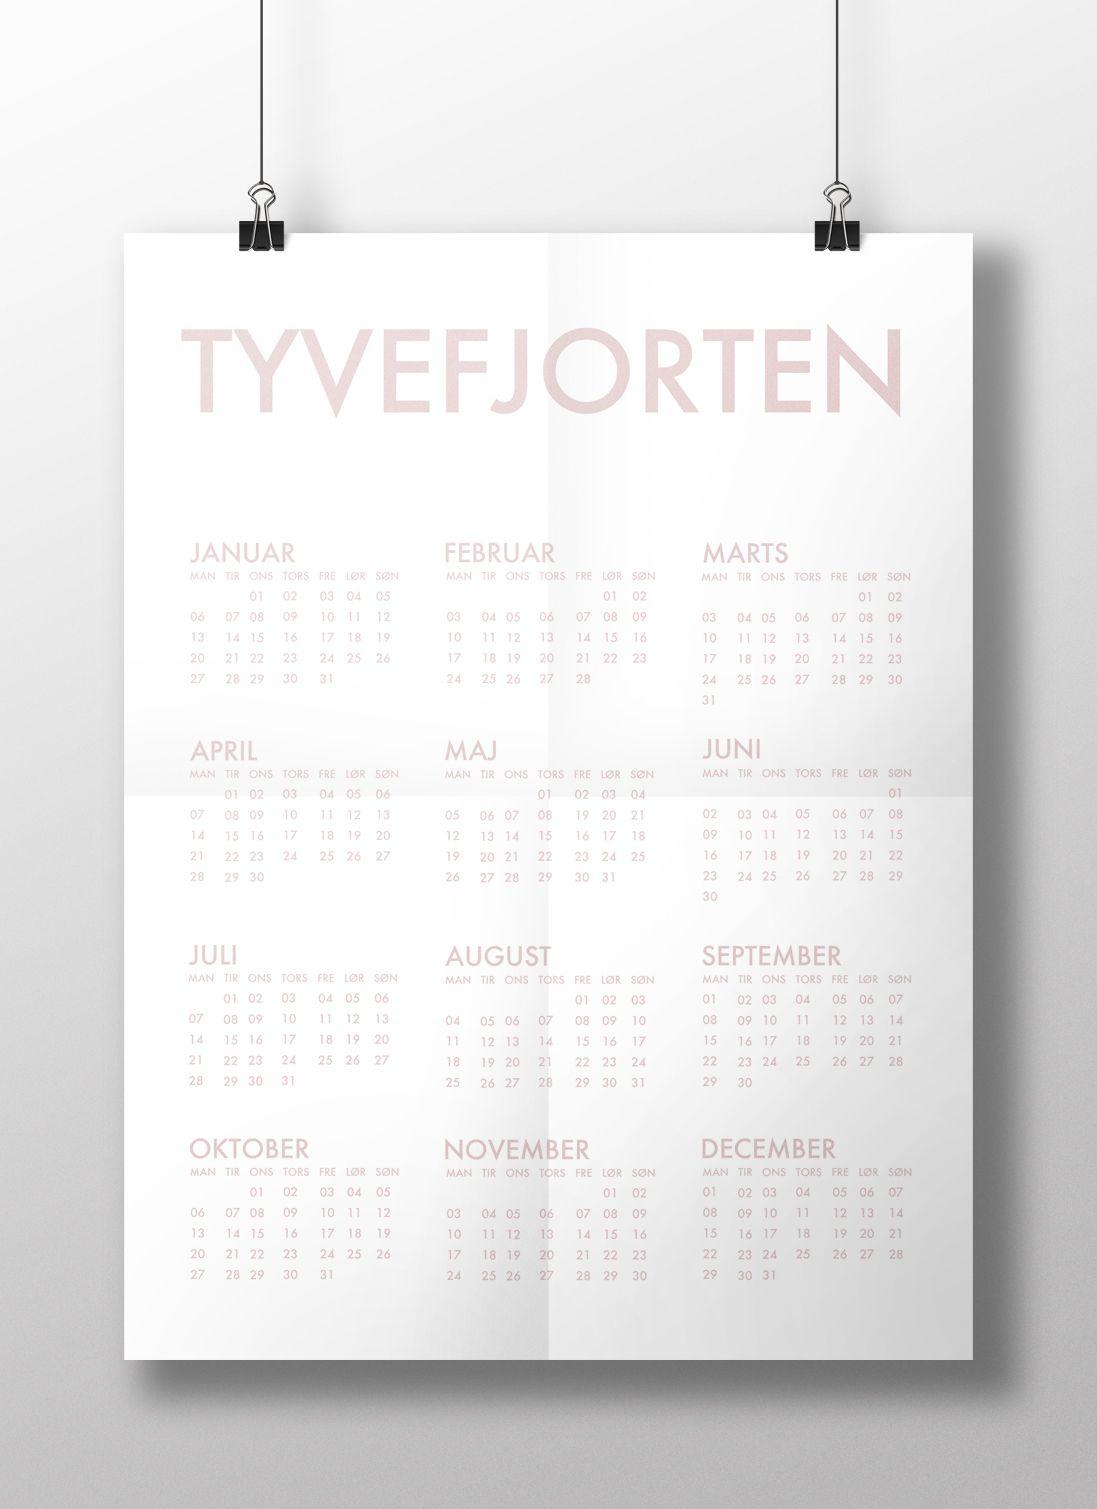 Jeg har lavet en kalender, en fiks lille simpel en af slagsen, der egentlig bare skal printes og eventuelt hænges op med en lækker maskingtape i yndlingsfarven. Hos mig bliver det den grå/blå versi...